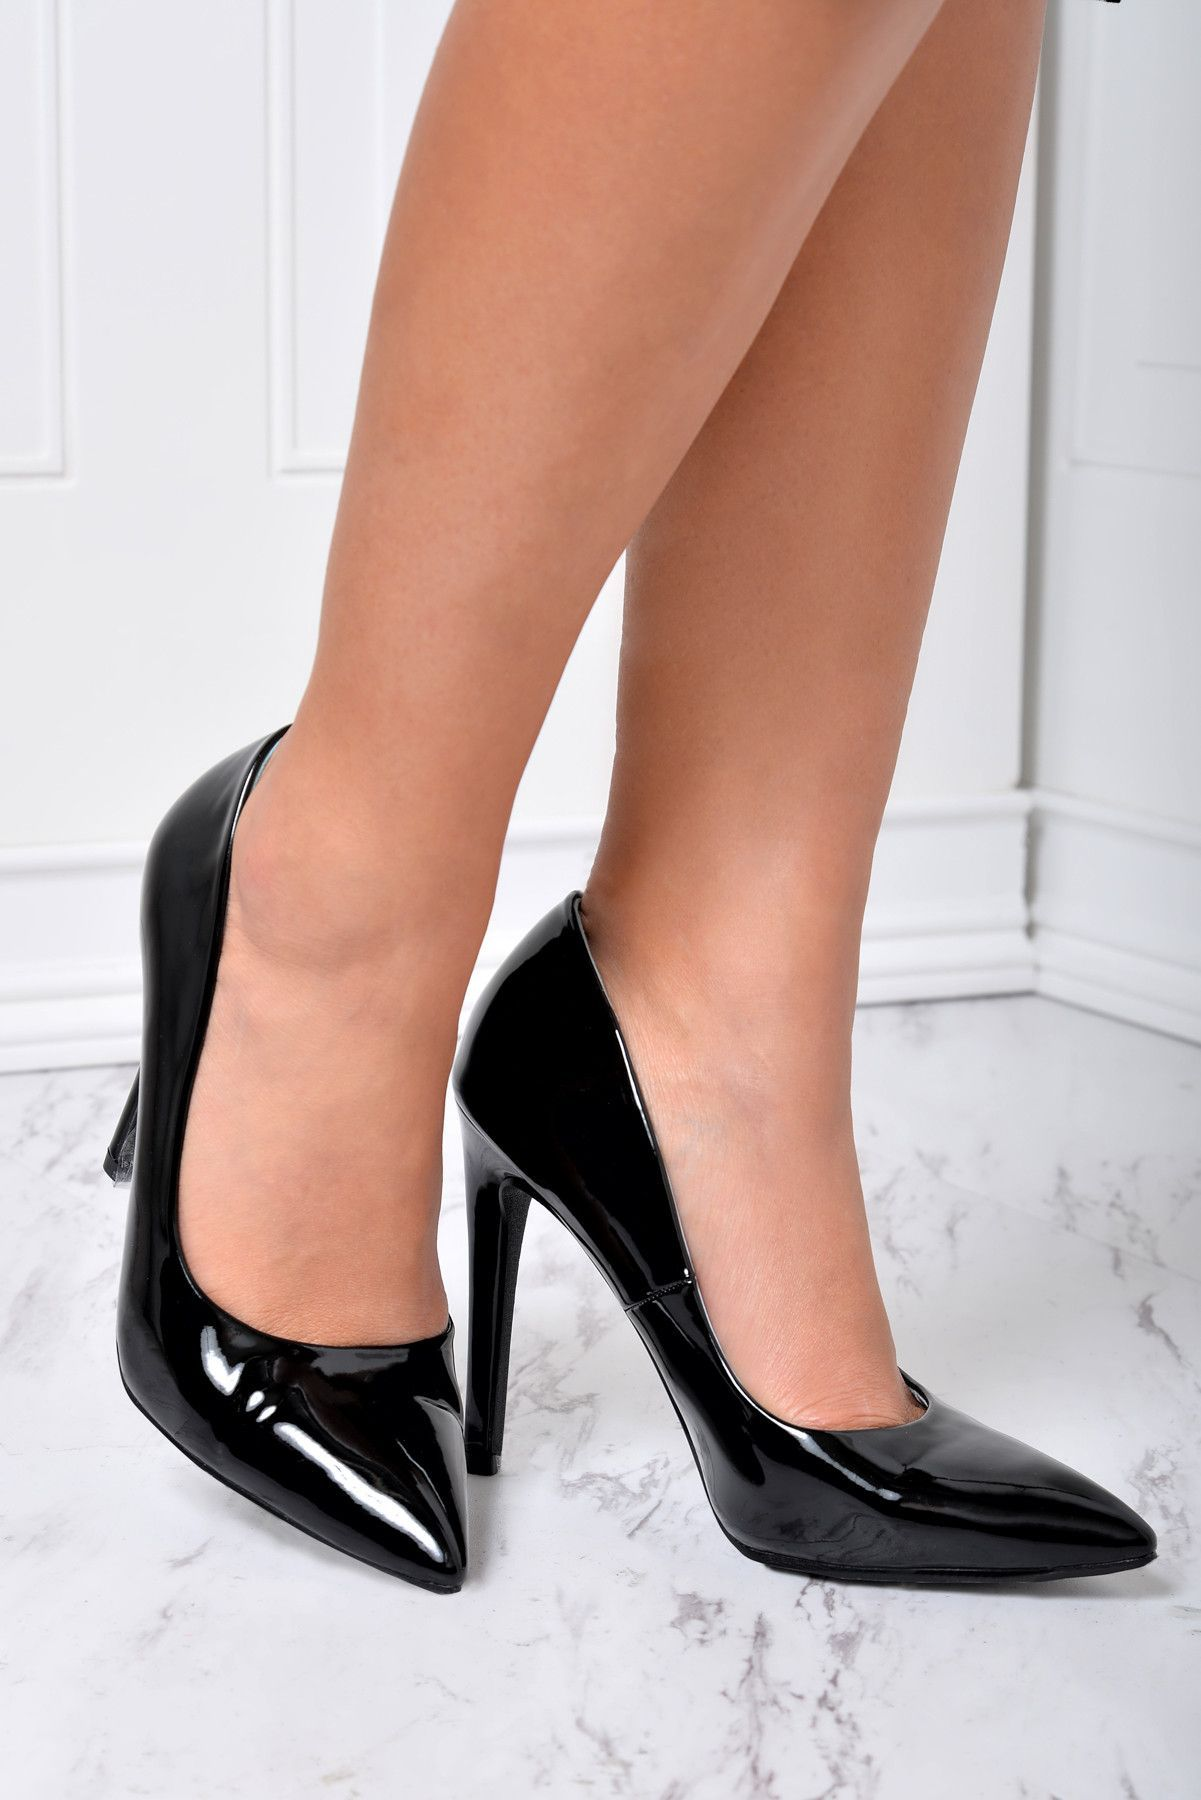 - Model is wearing size 6 - True to size - Open toe - Cushioned sole